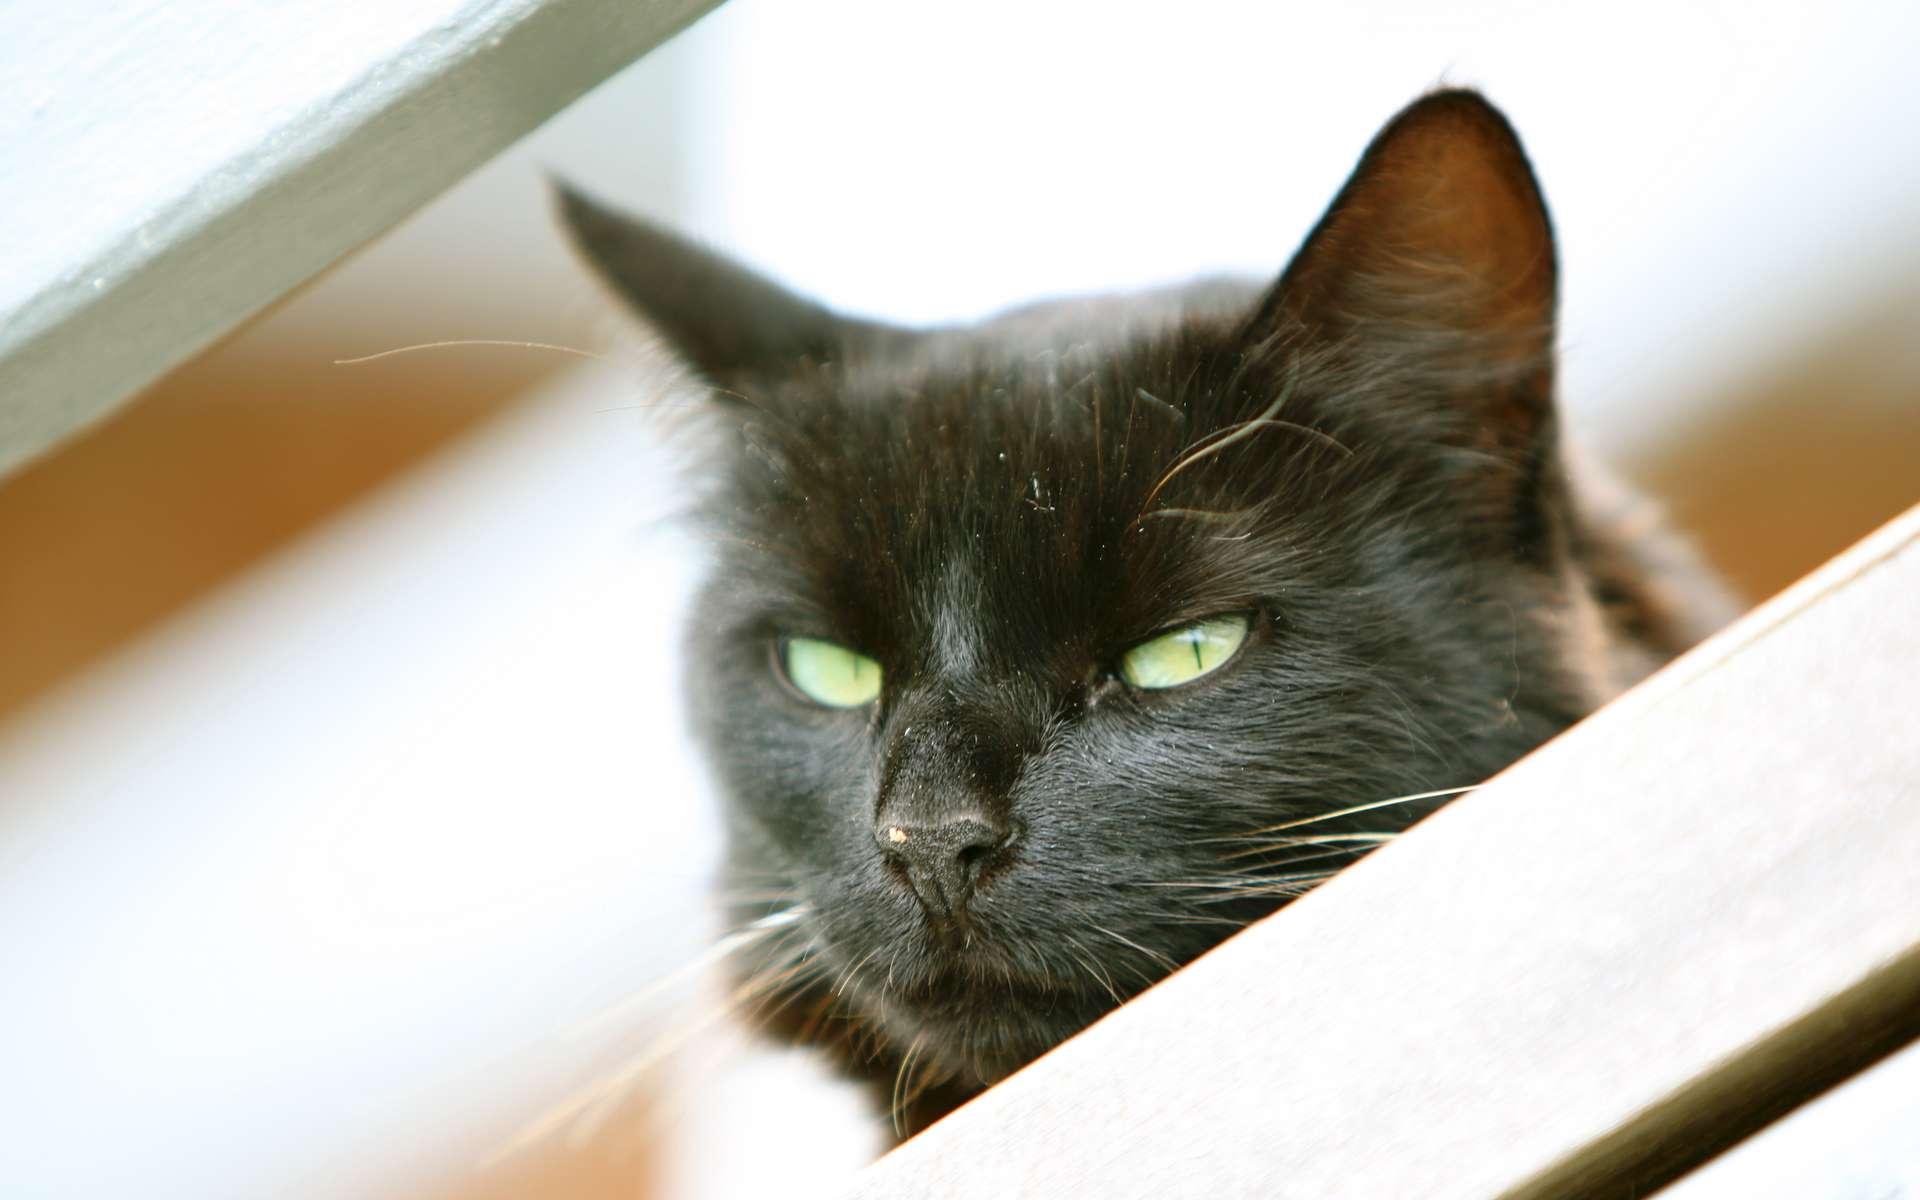 Le chat est manipulateur, dominateur et véhicule de nombreuses maladies. © Steve Jurvetson, Flickr